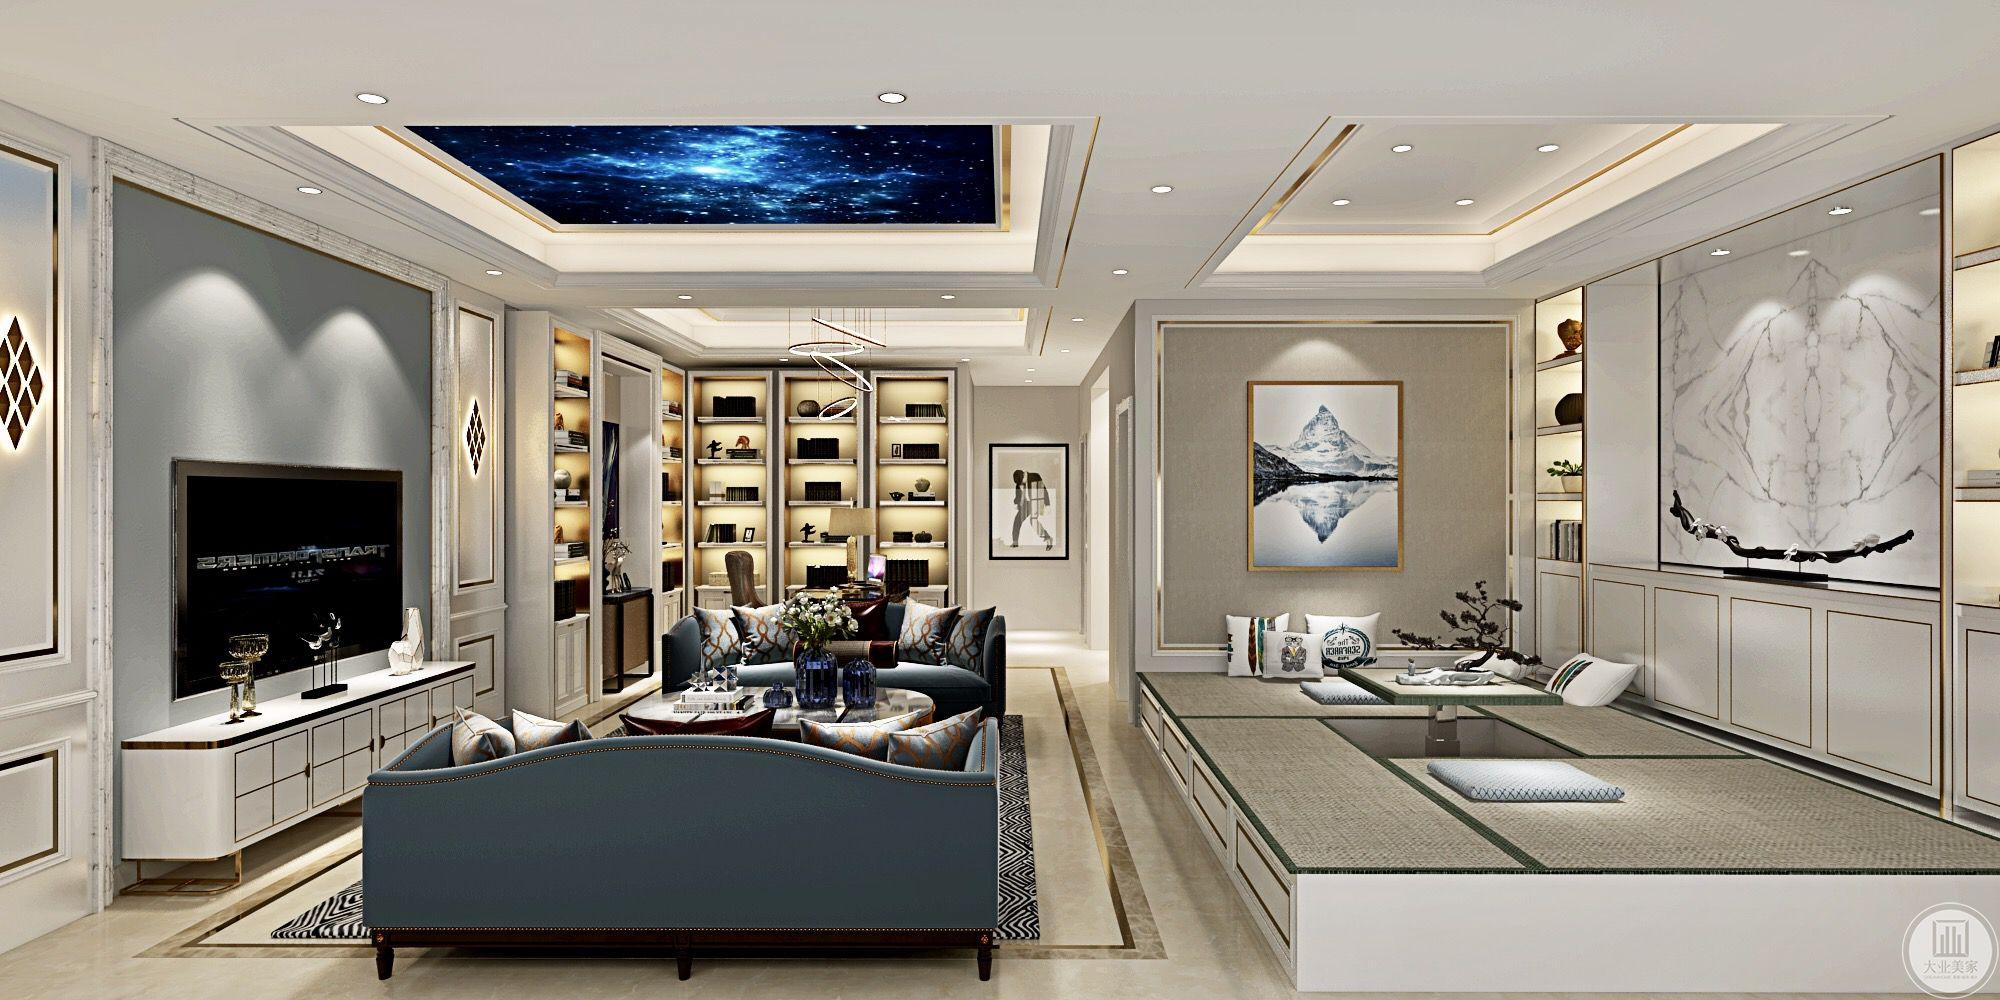 整体金属边条、米黄理石、灰咖在暖暖的房间和谐的结合。